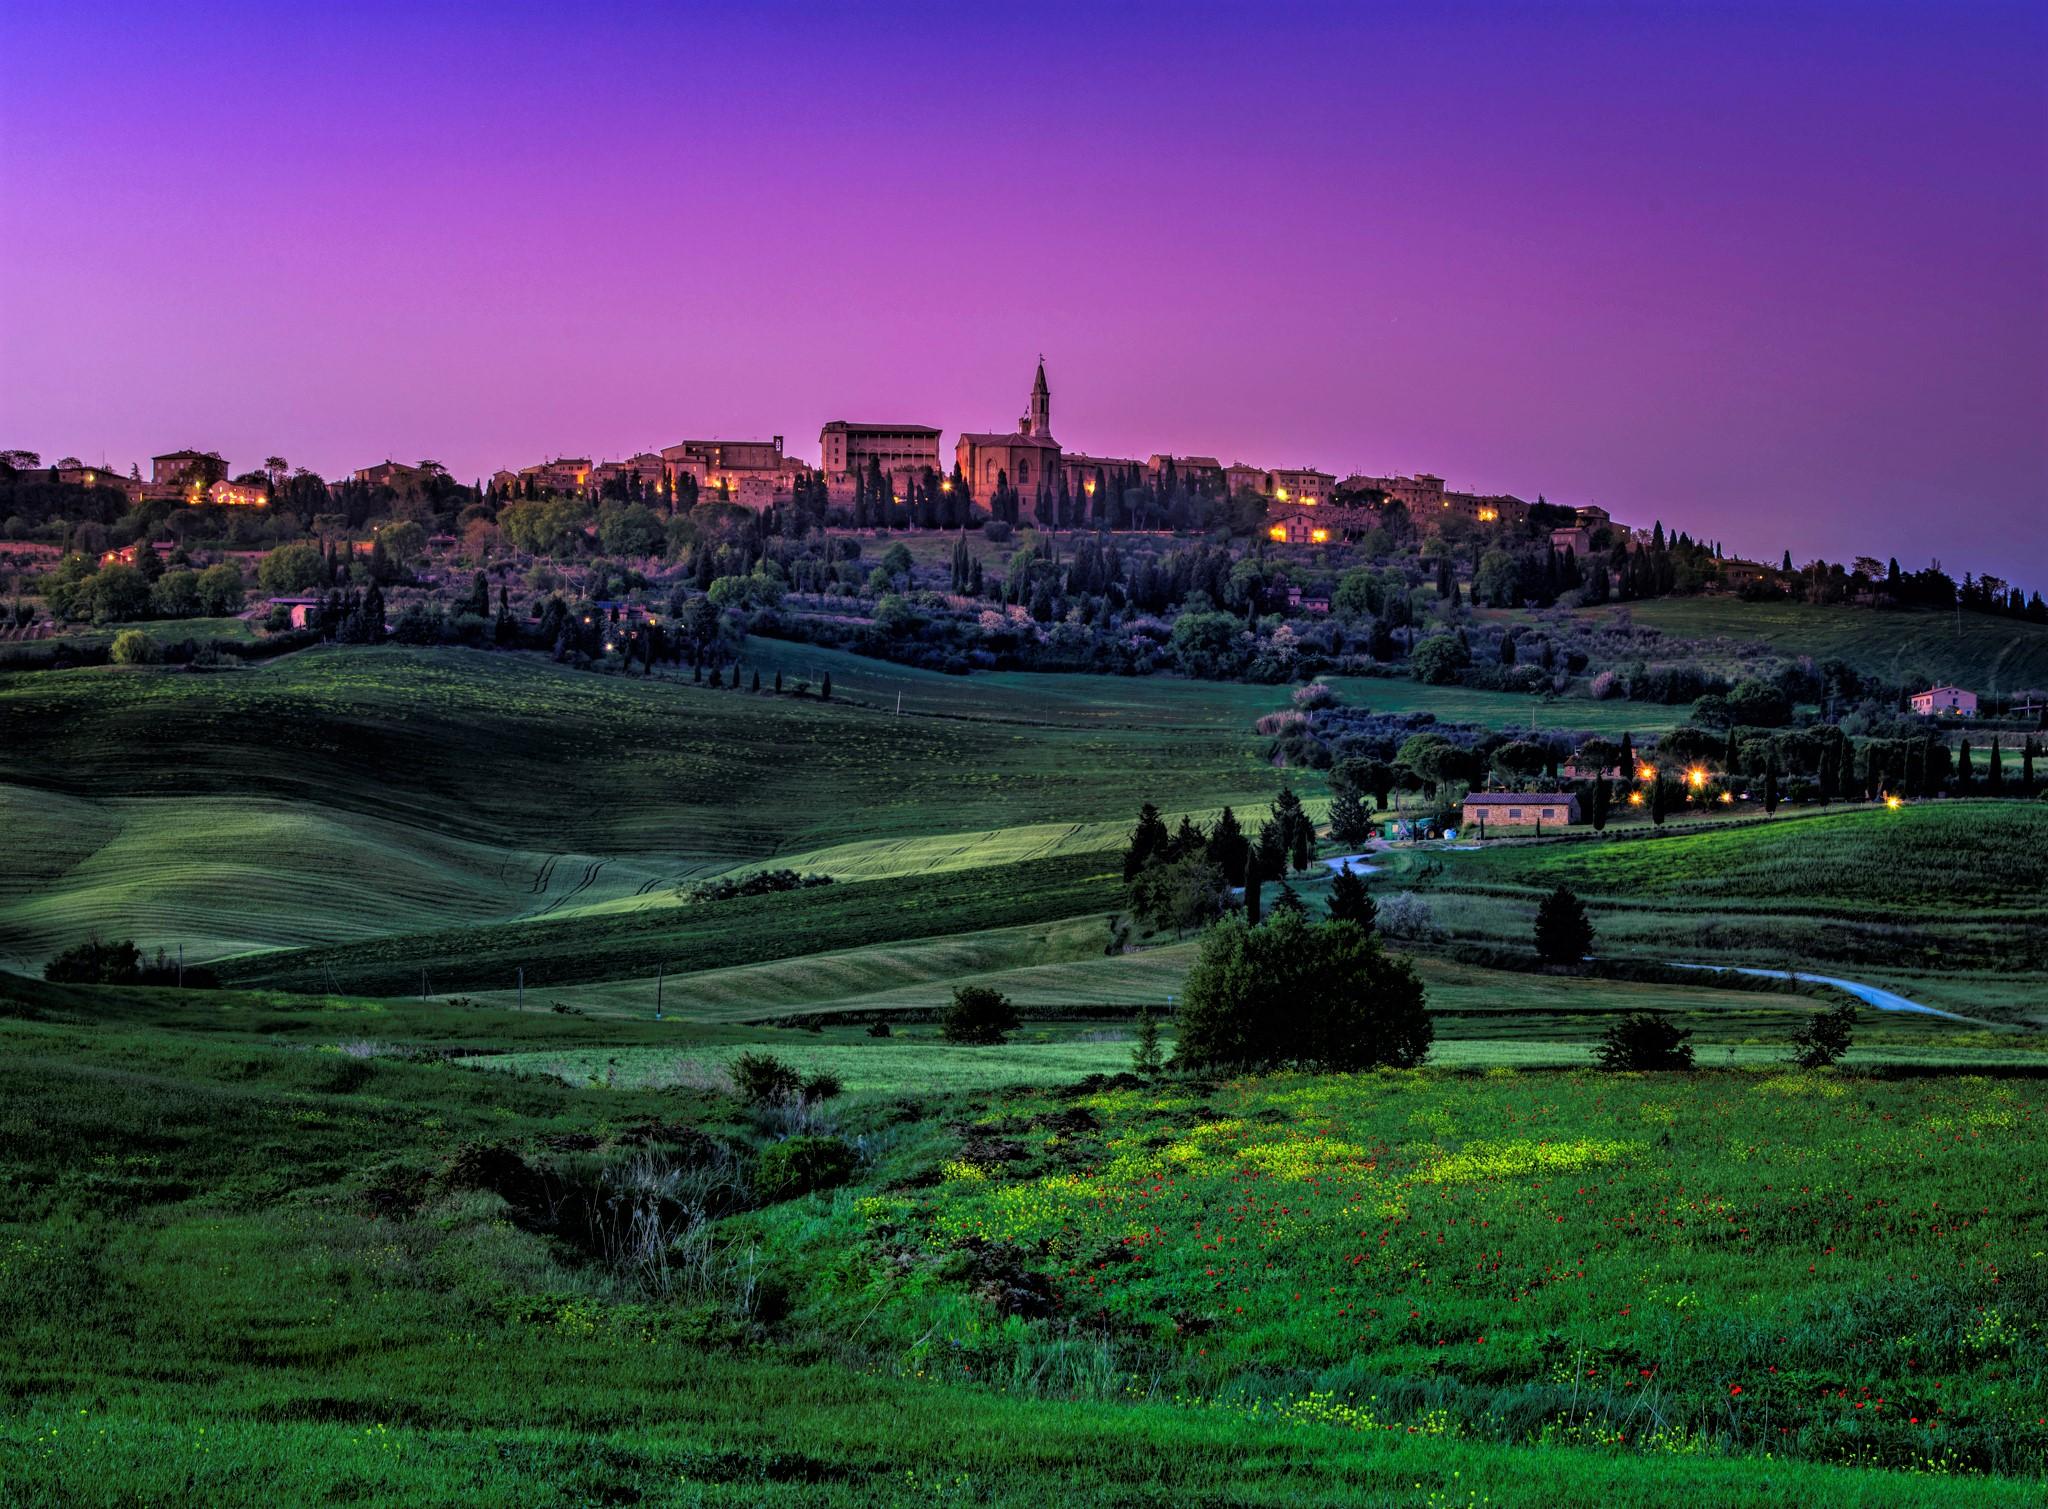 Pienza at twilight, Italy